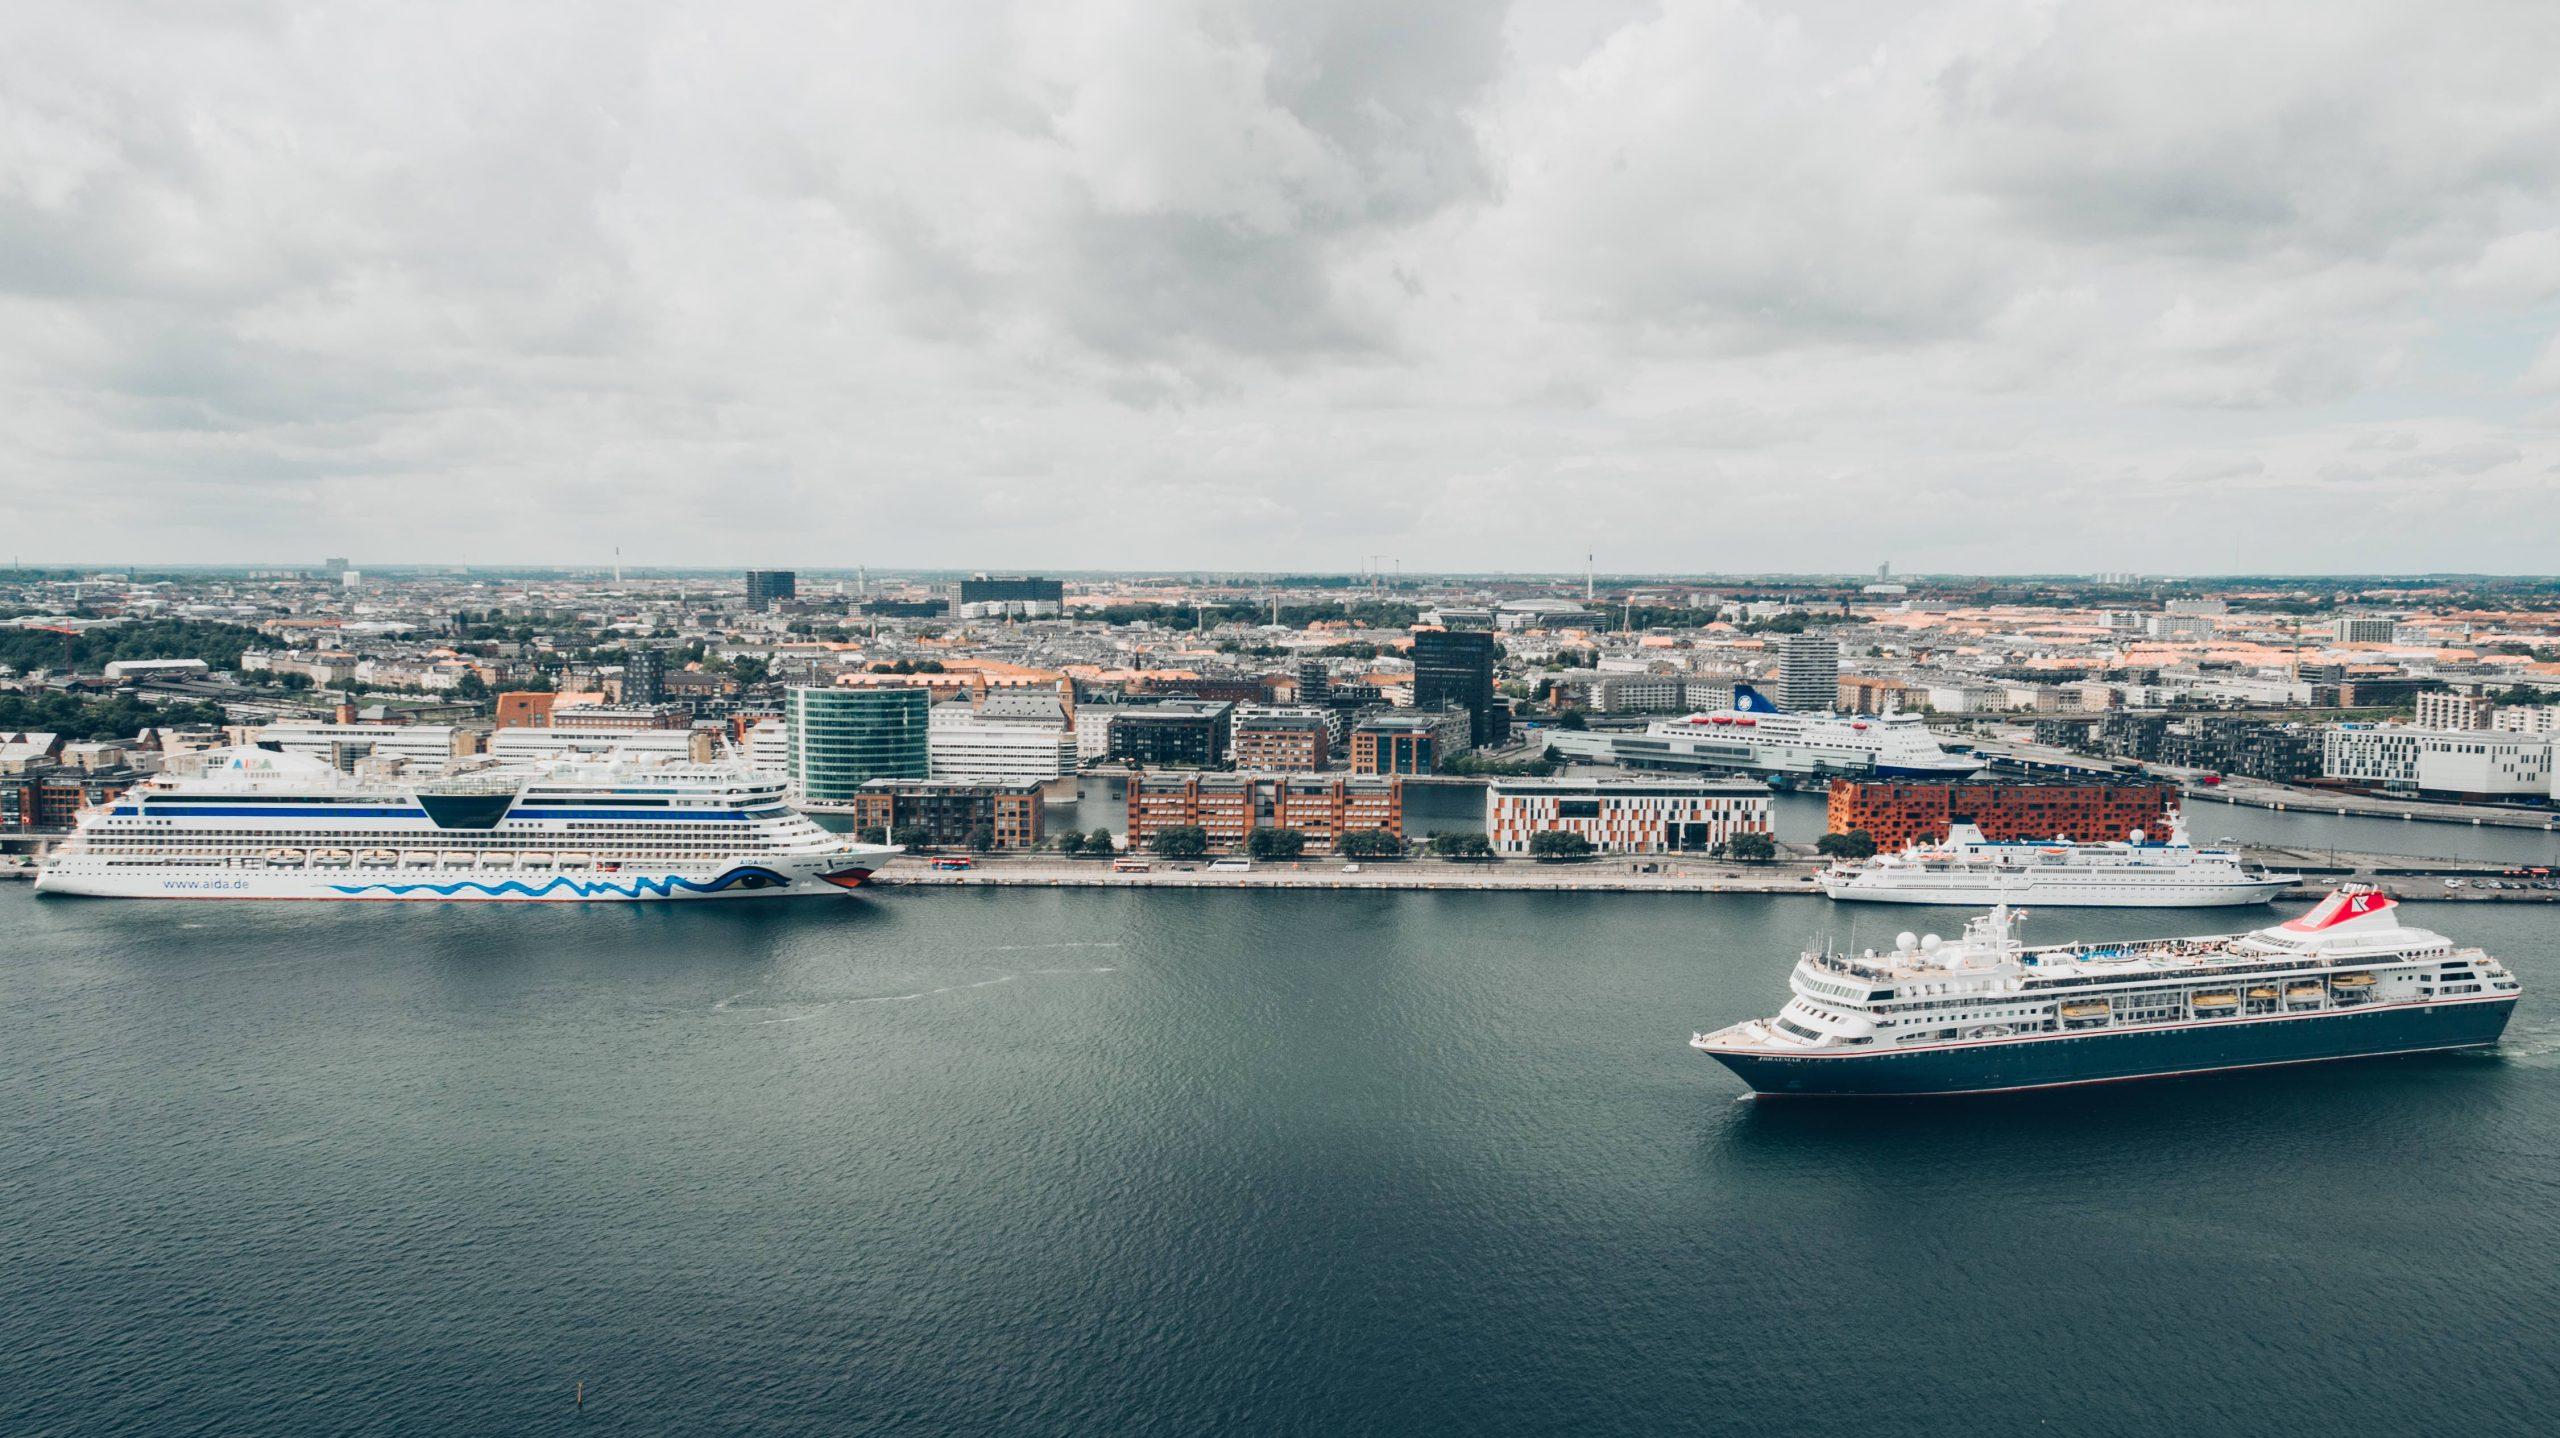 En rejsearrangør kunne ikke blive ved med at udskyde et krydstogt til 290.000 kroner, mener Pakkerejse-Ankenævnet. Arkivfoto uden relation til den i artiklen omtalte sag: Cruise Copenhagen Network via Wonderful Copenhagen.